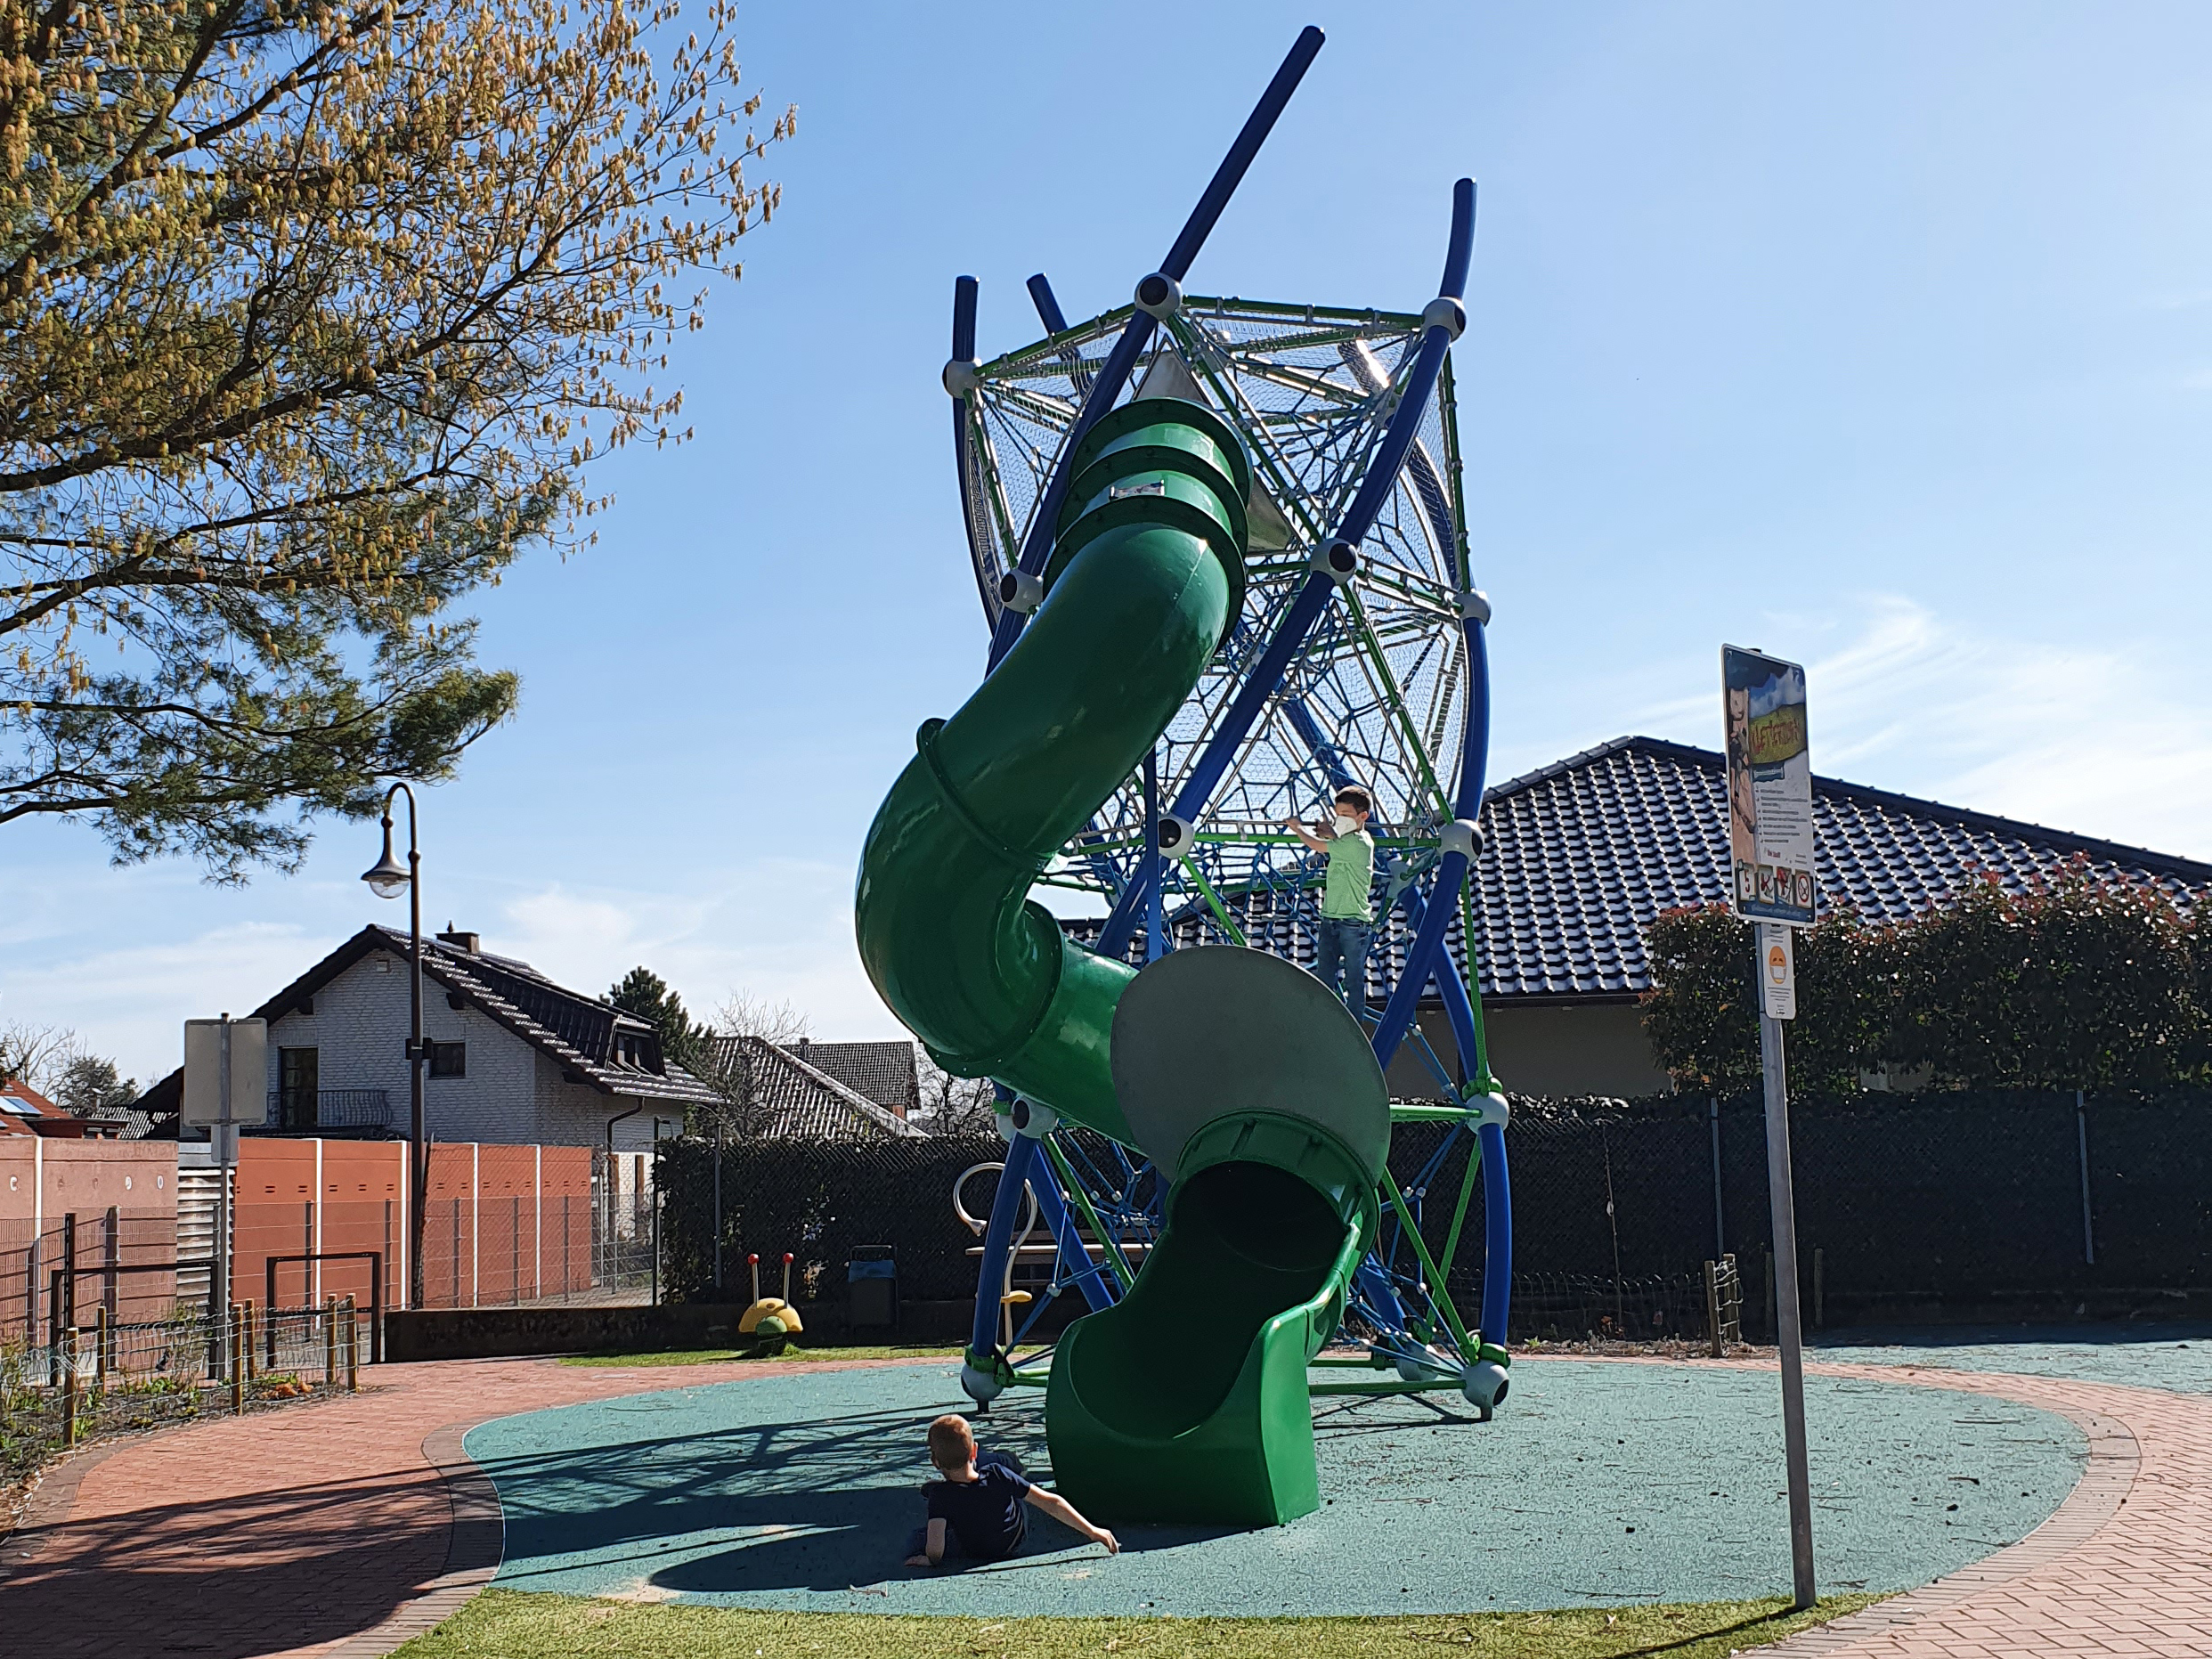 0173_Bornheim_FOT_Spielplatz_Waldorf-Schmiedegasse_210413_04